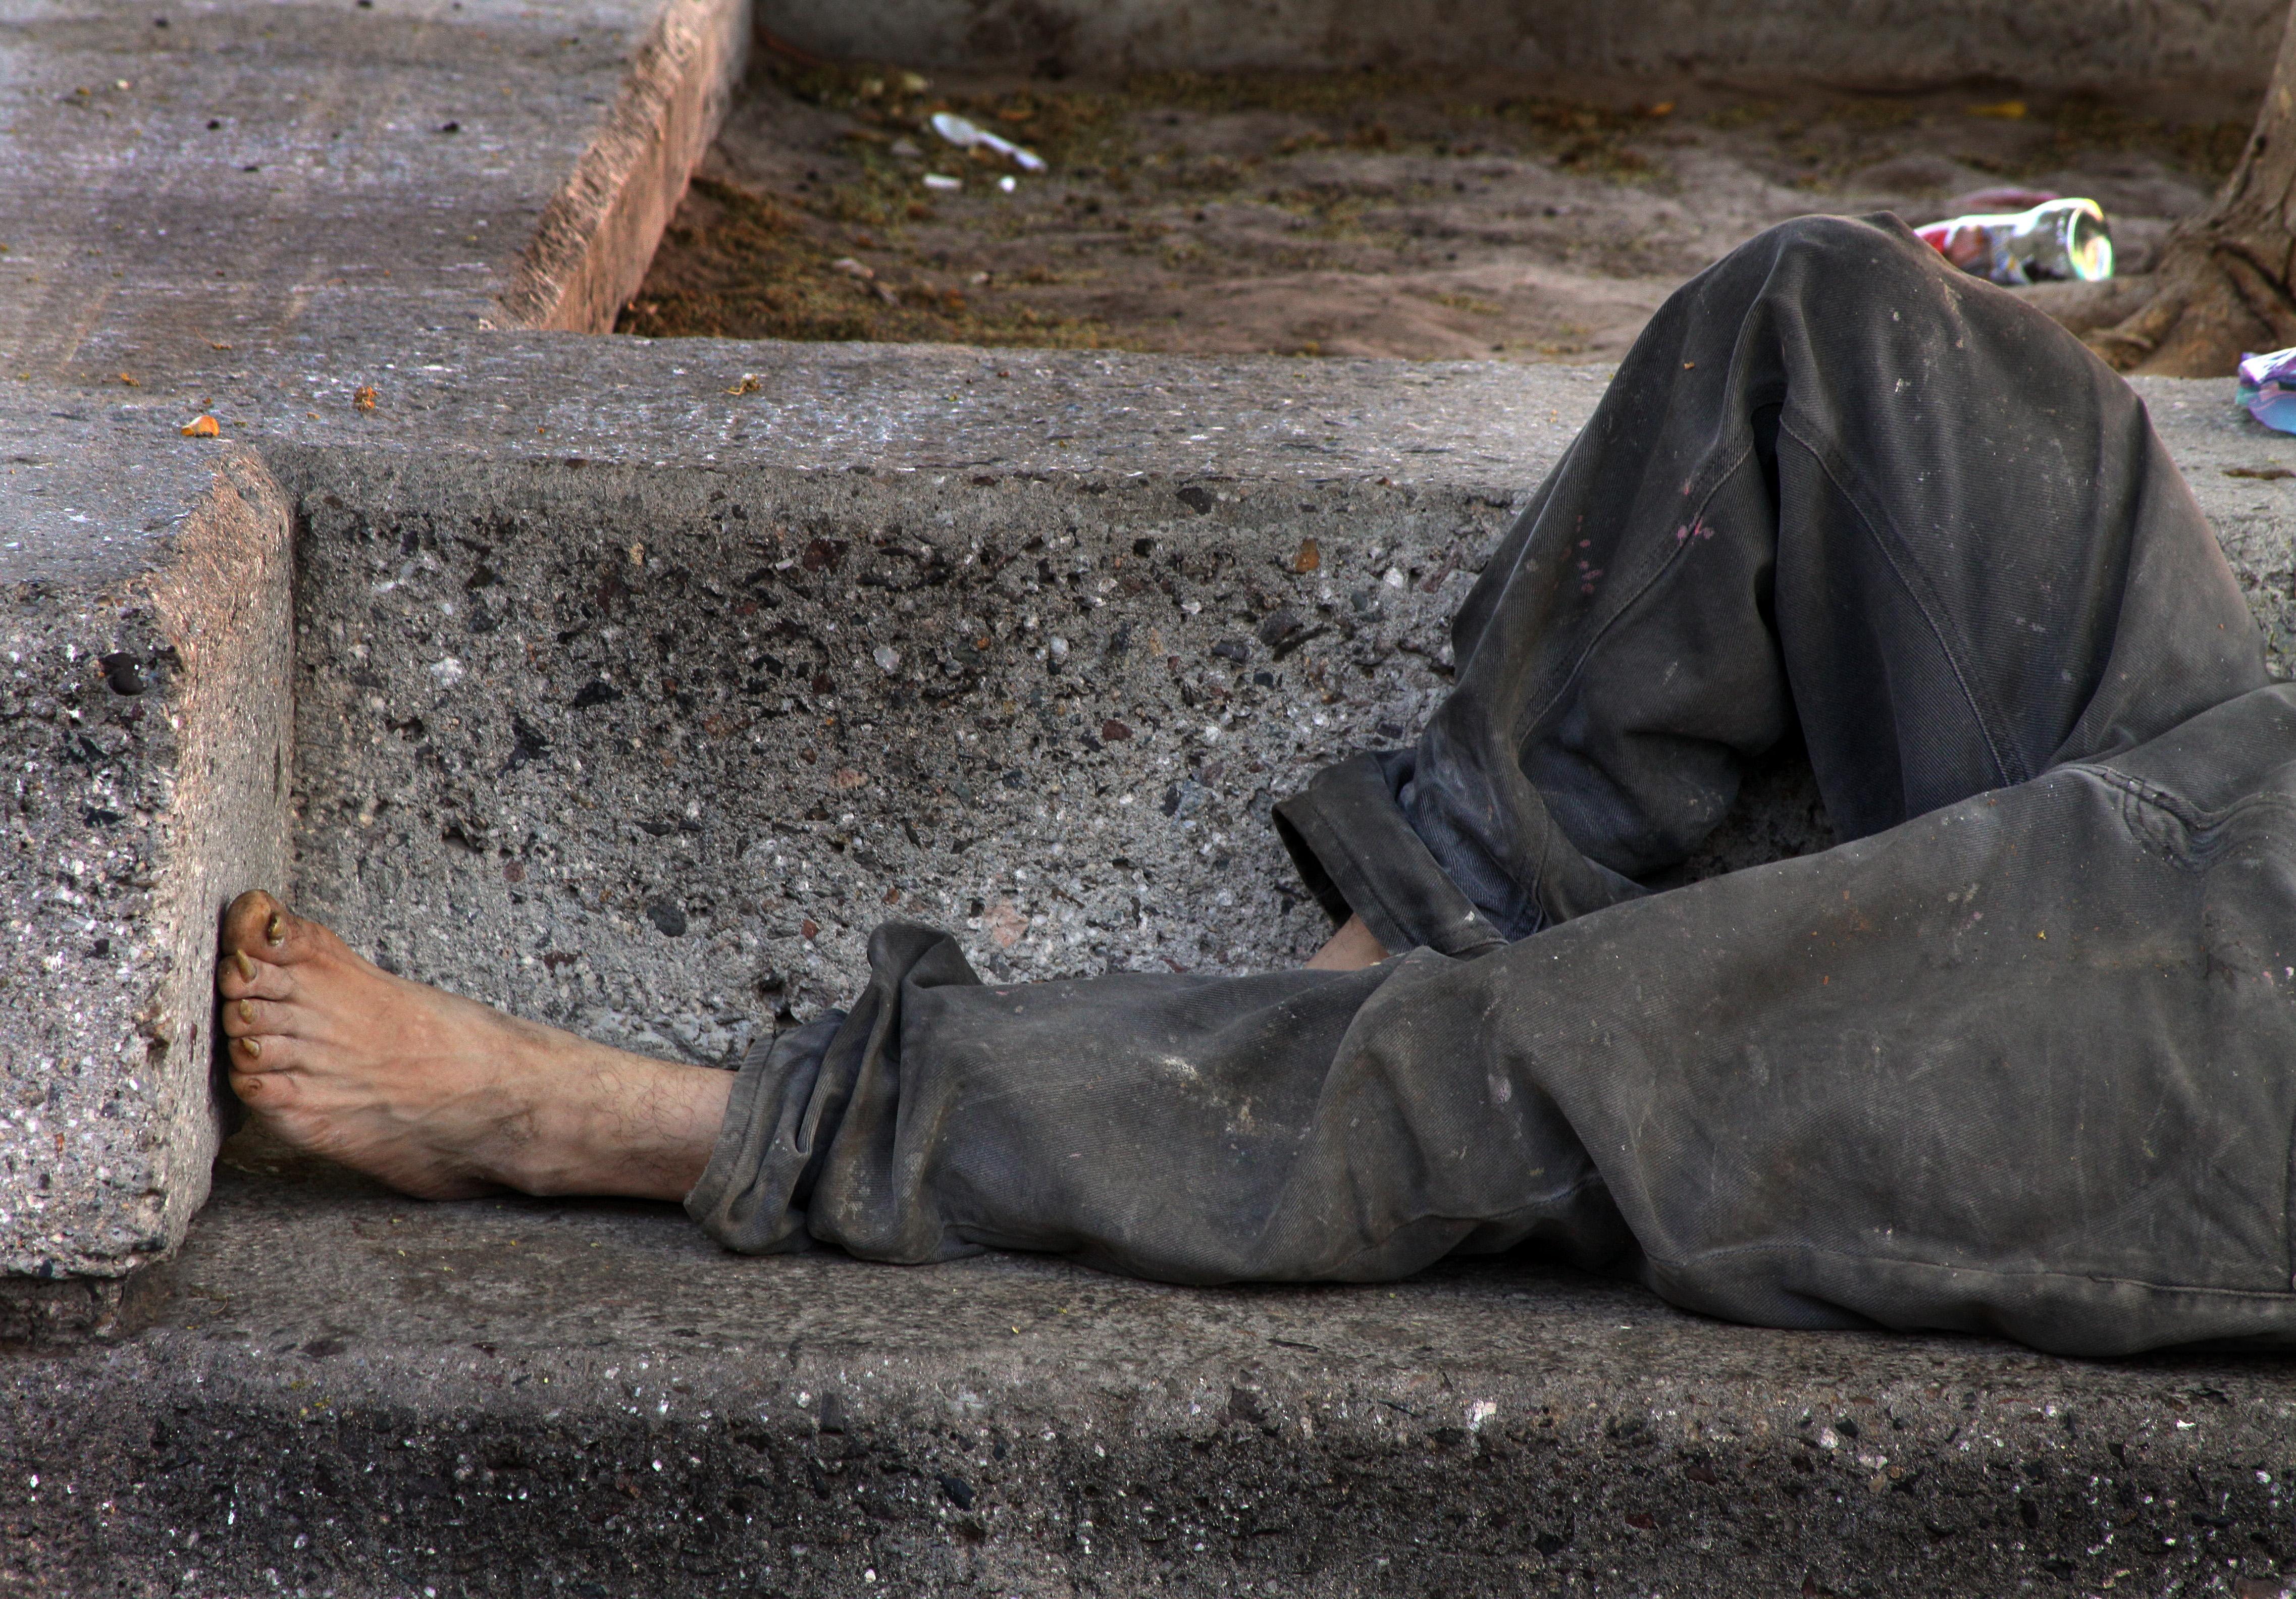 Homeless_on_bench